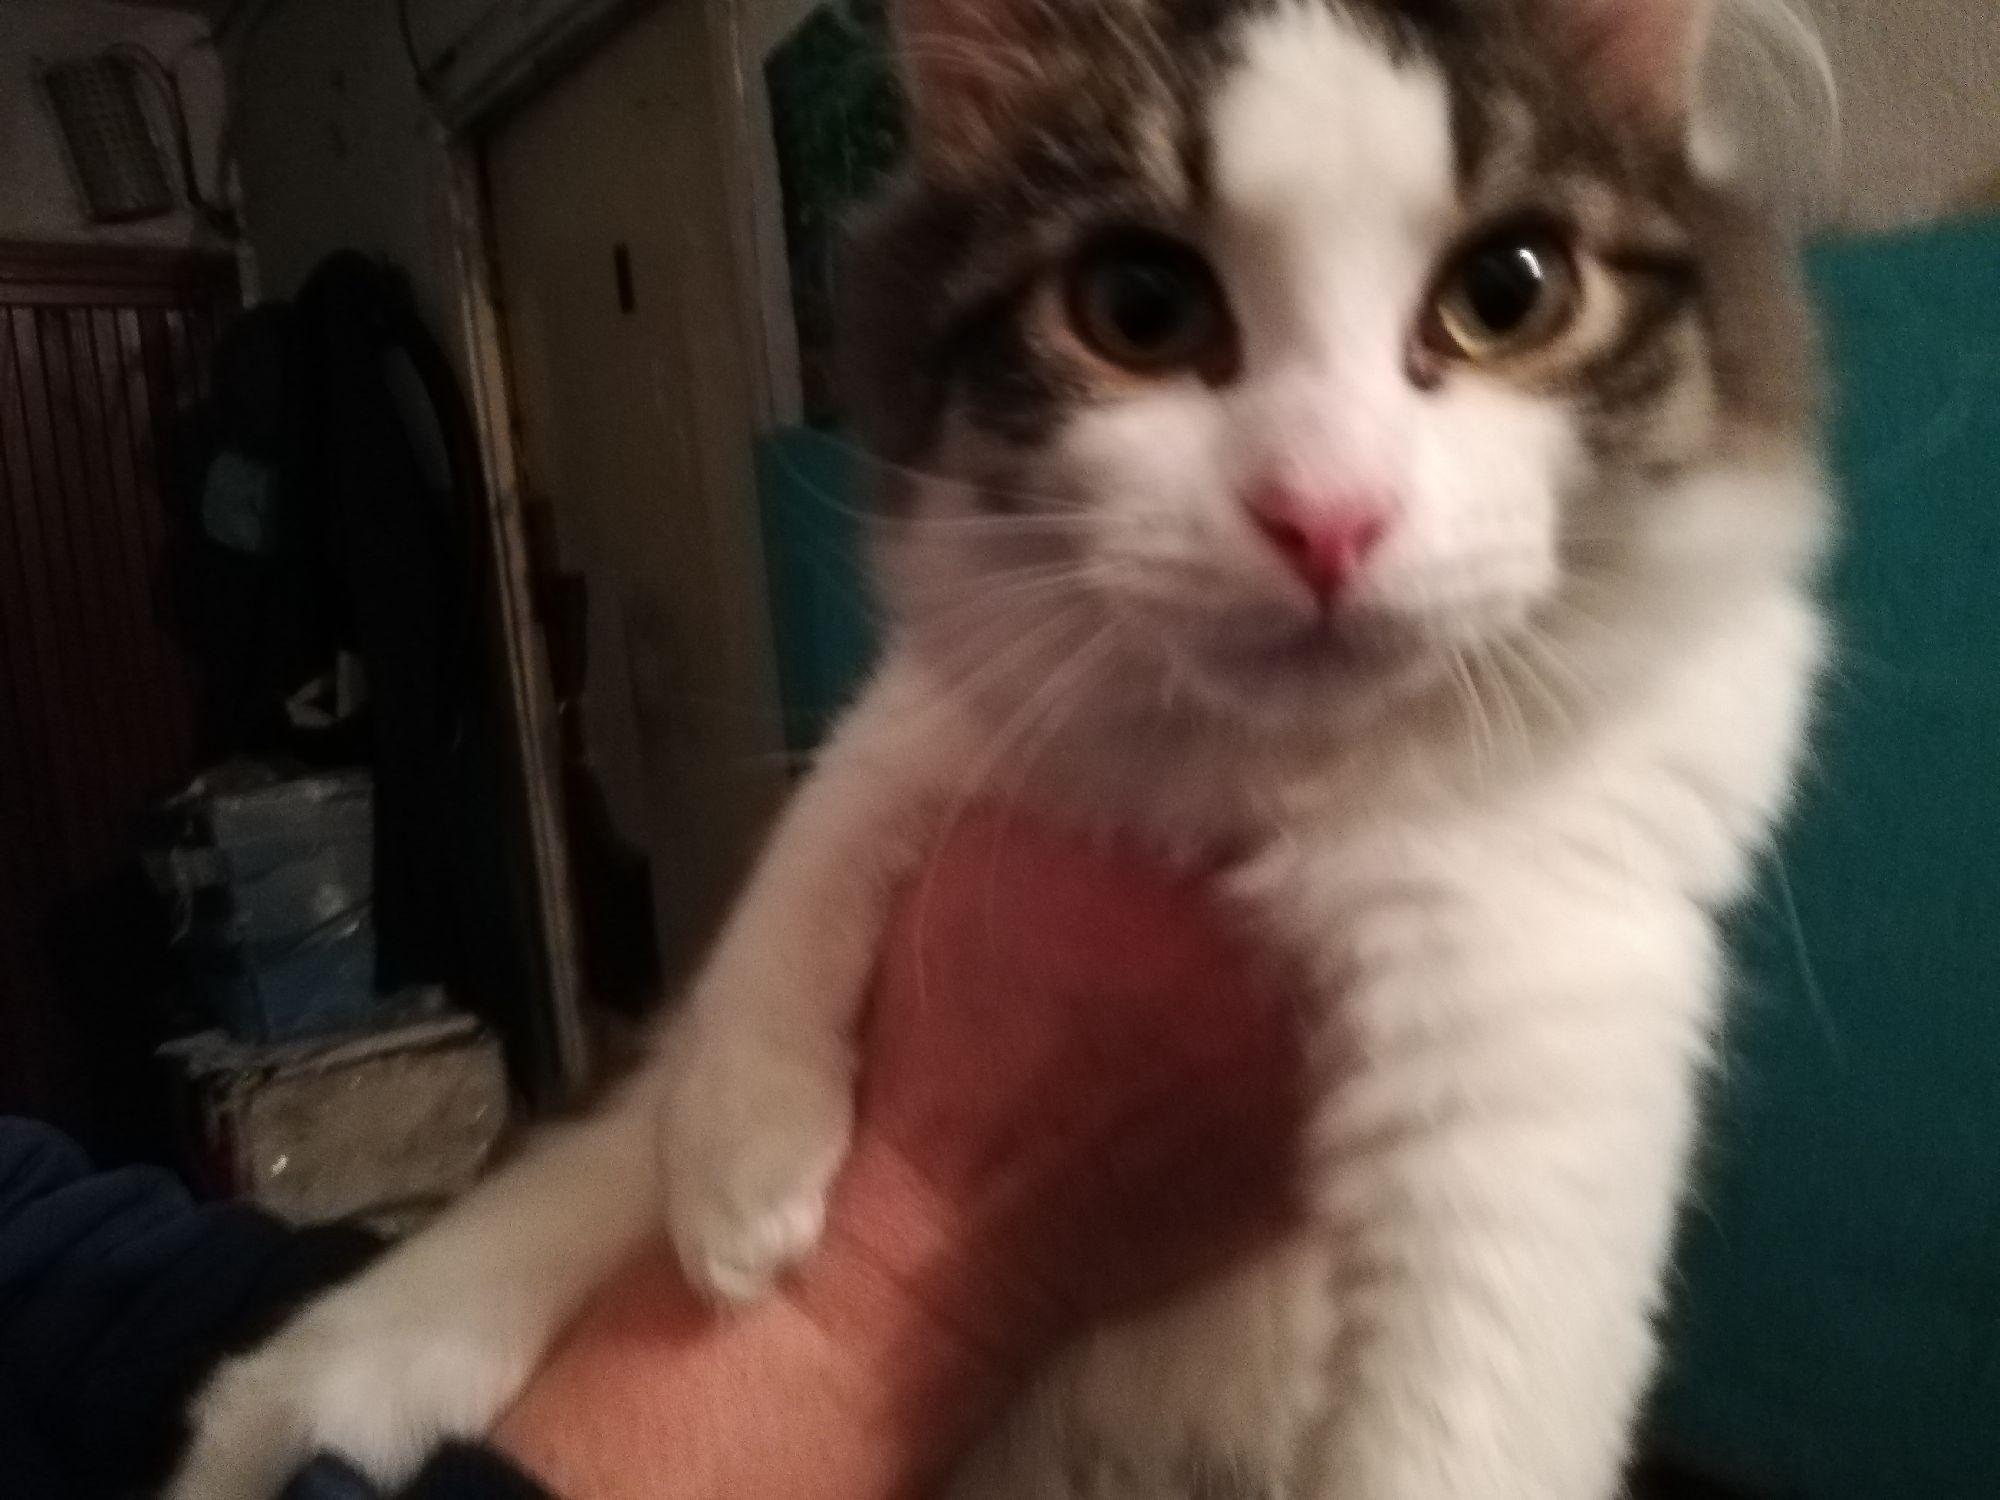 Котейку подкинули в коробке вместе с его матерью кошкой и братцем, братец не дождался встречи с людьми. Котик спасён, вылечен, мать его стерилизована, пристраивается